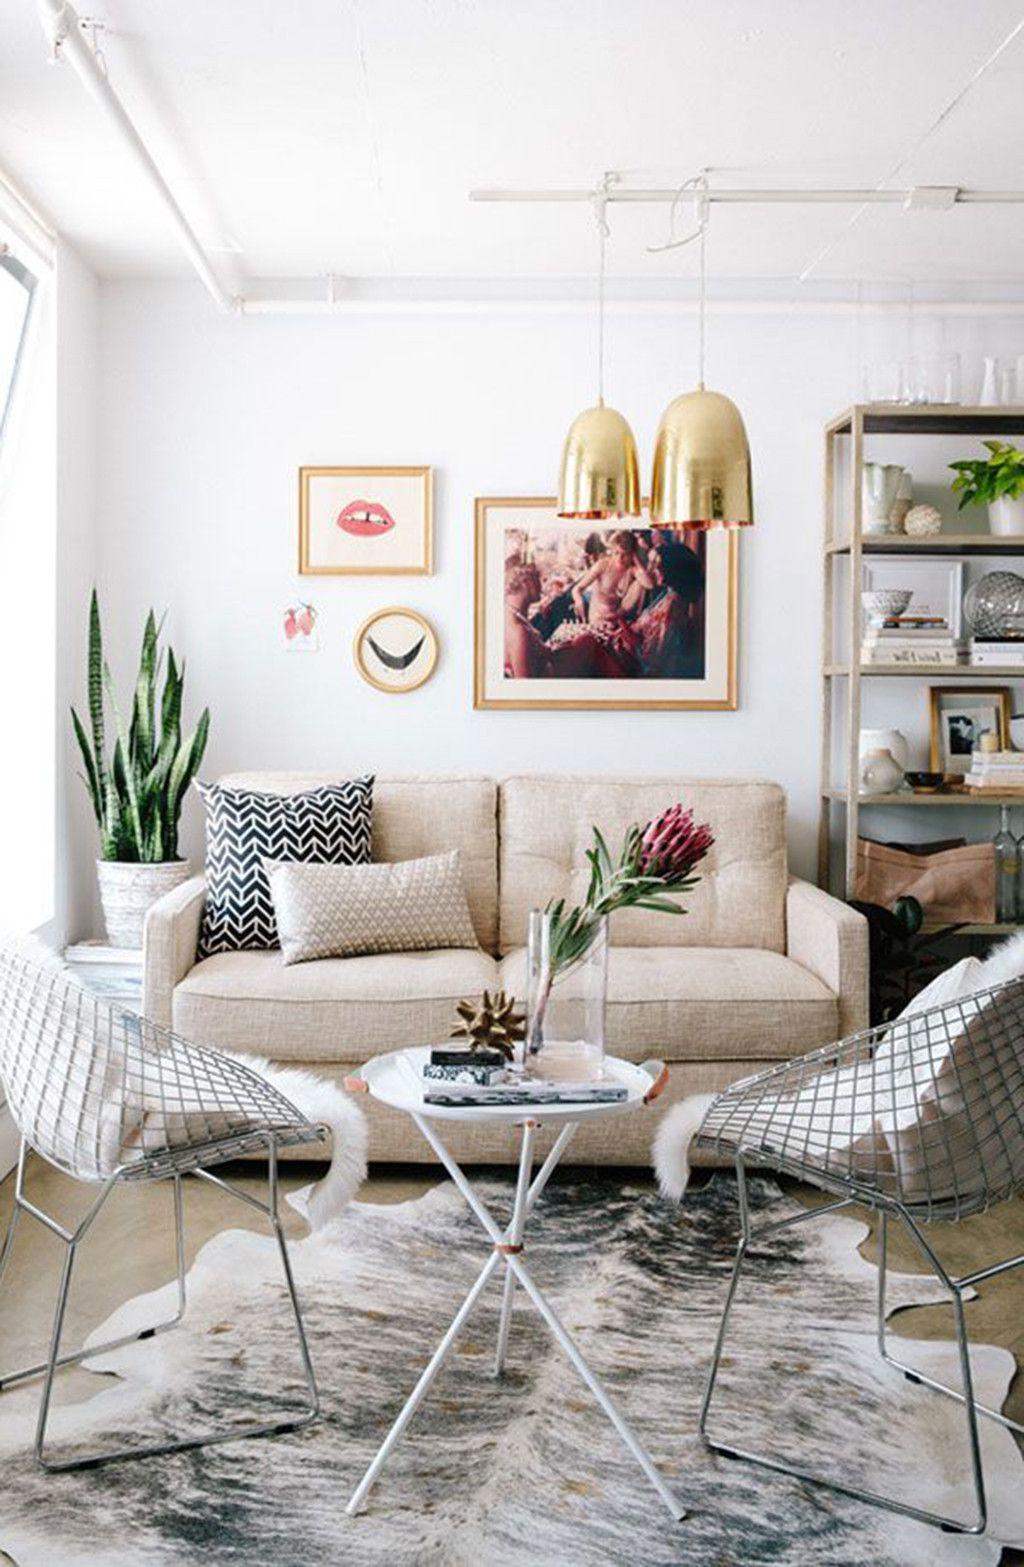 Fesselnd Kleines Wohnzimmer Einrichten   70 Frische Wohnideen!   Innendesign,  Wohnzimmer